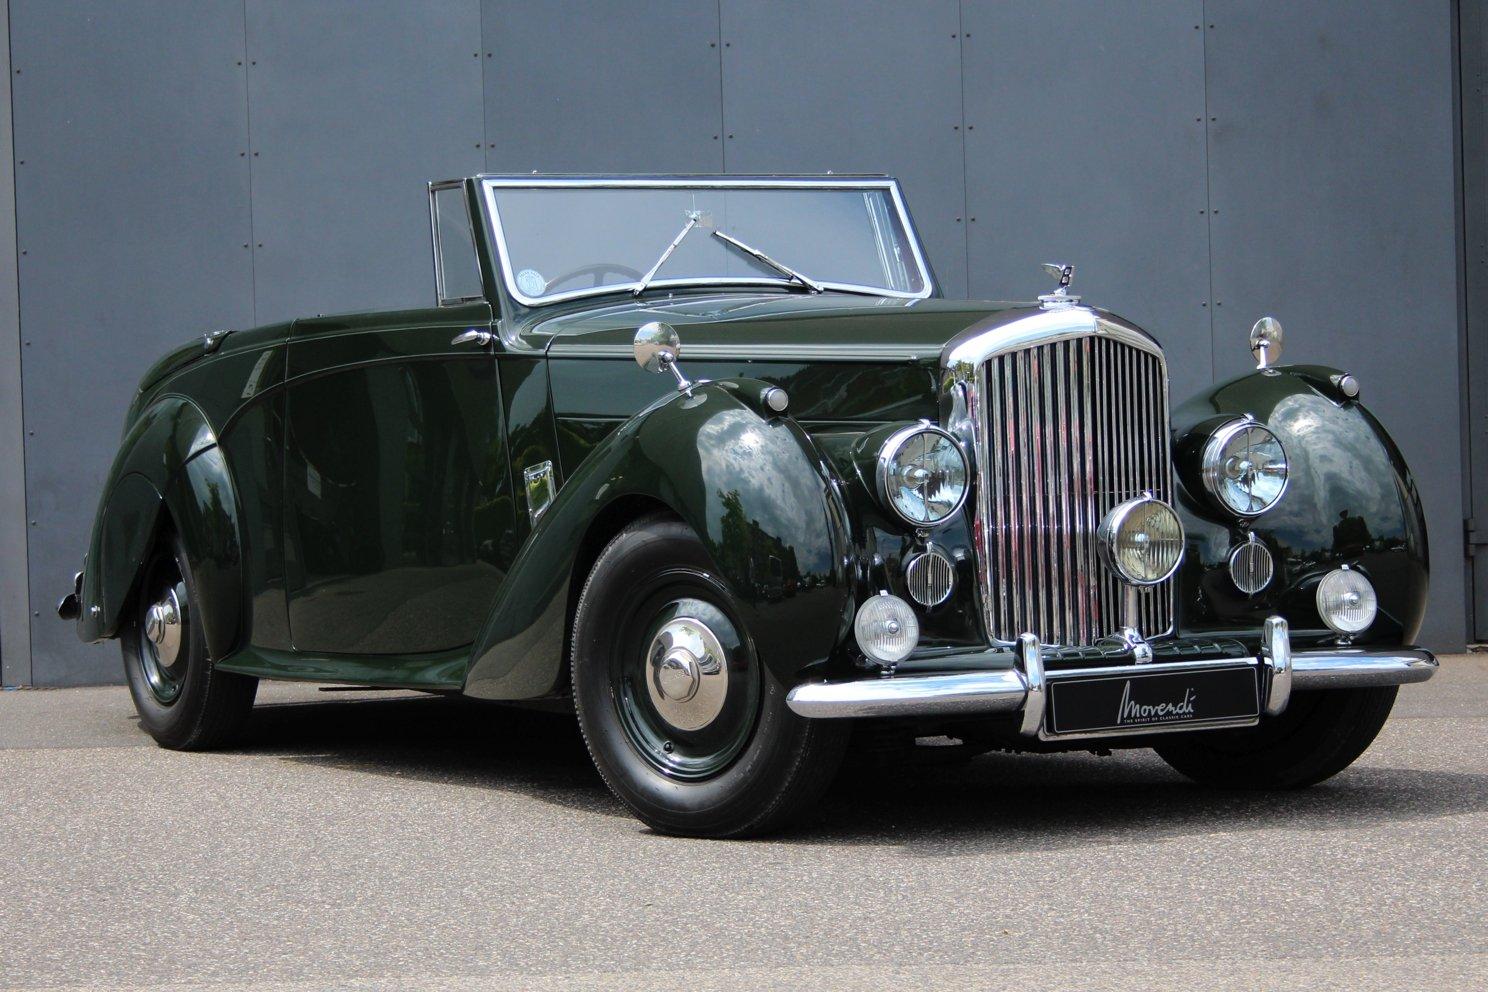 1947 Bentley Mark VI 4 1/4 Litre Drophead Coupé RHD For Sale